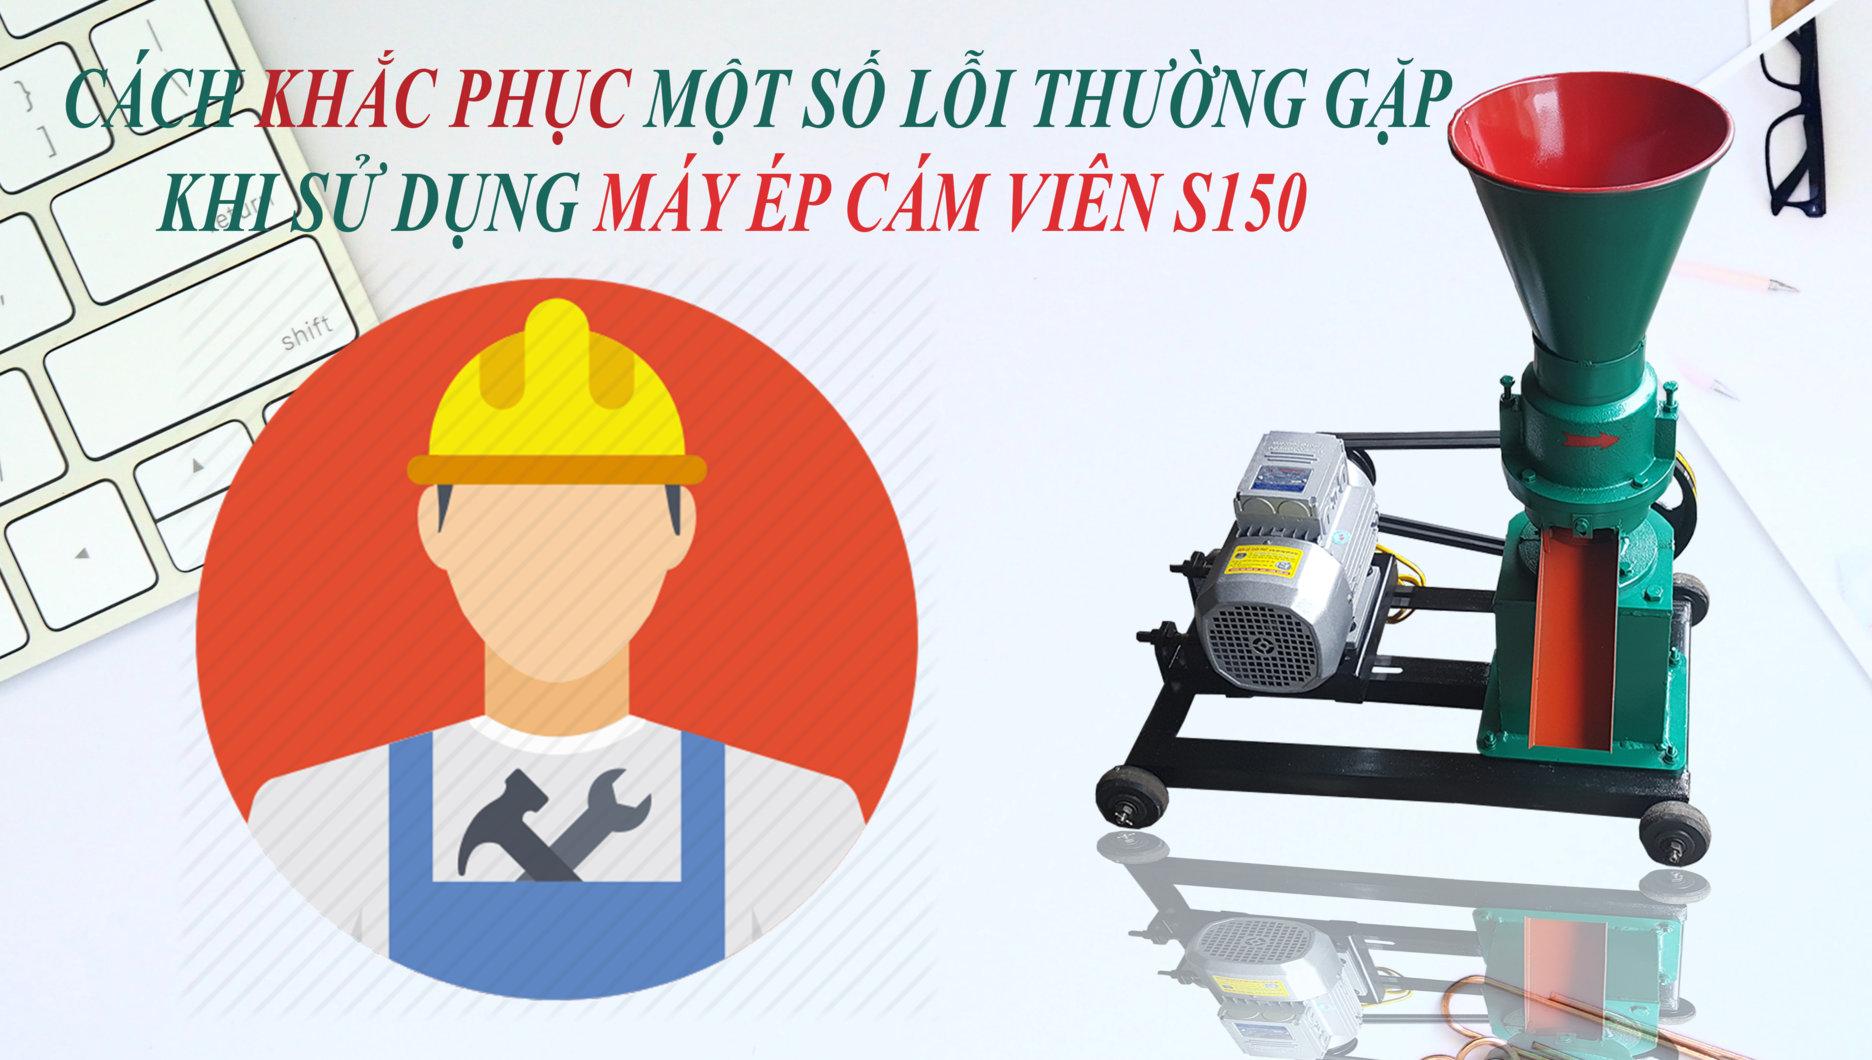 cach-khac-phuc-jpg.45587